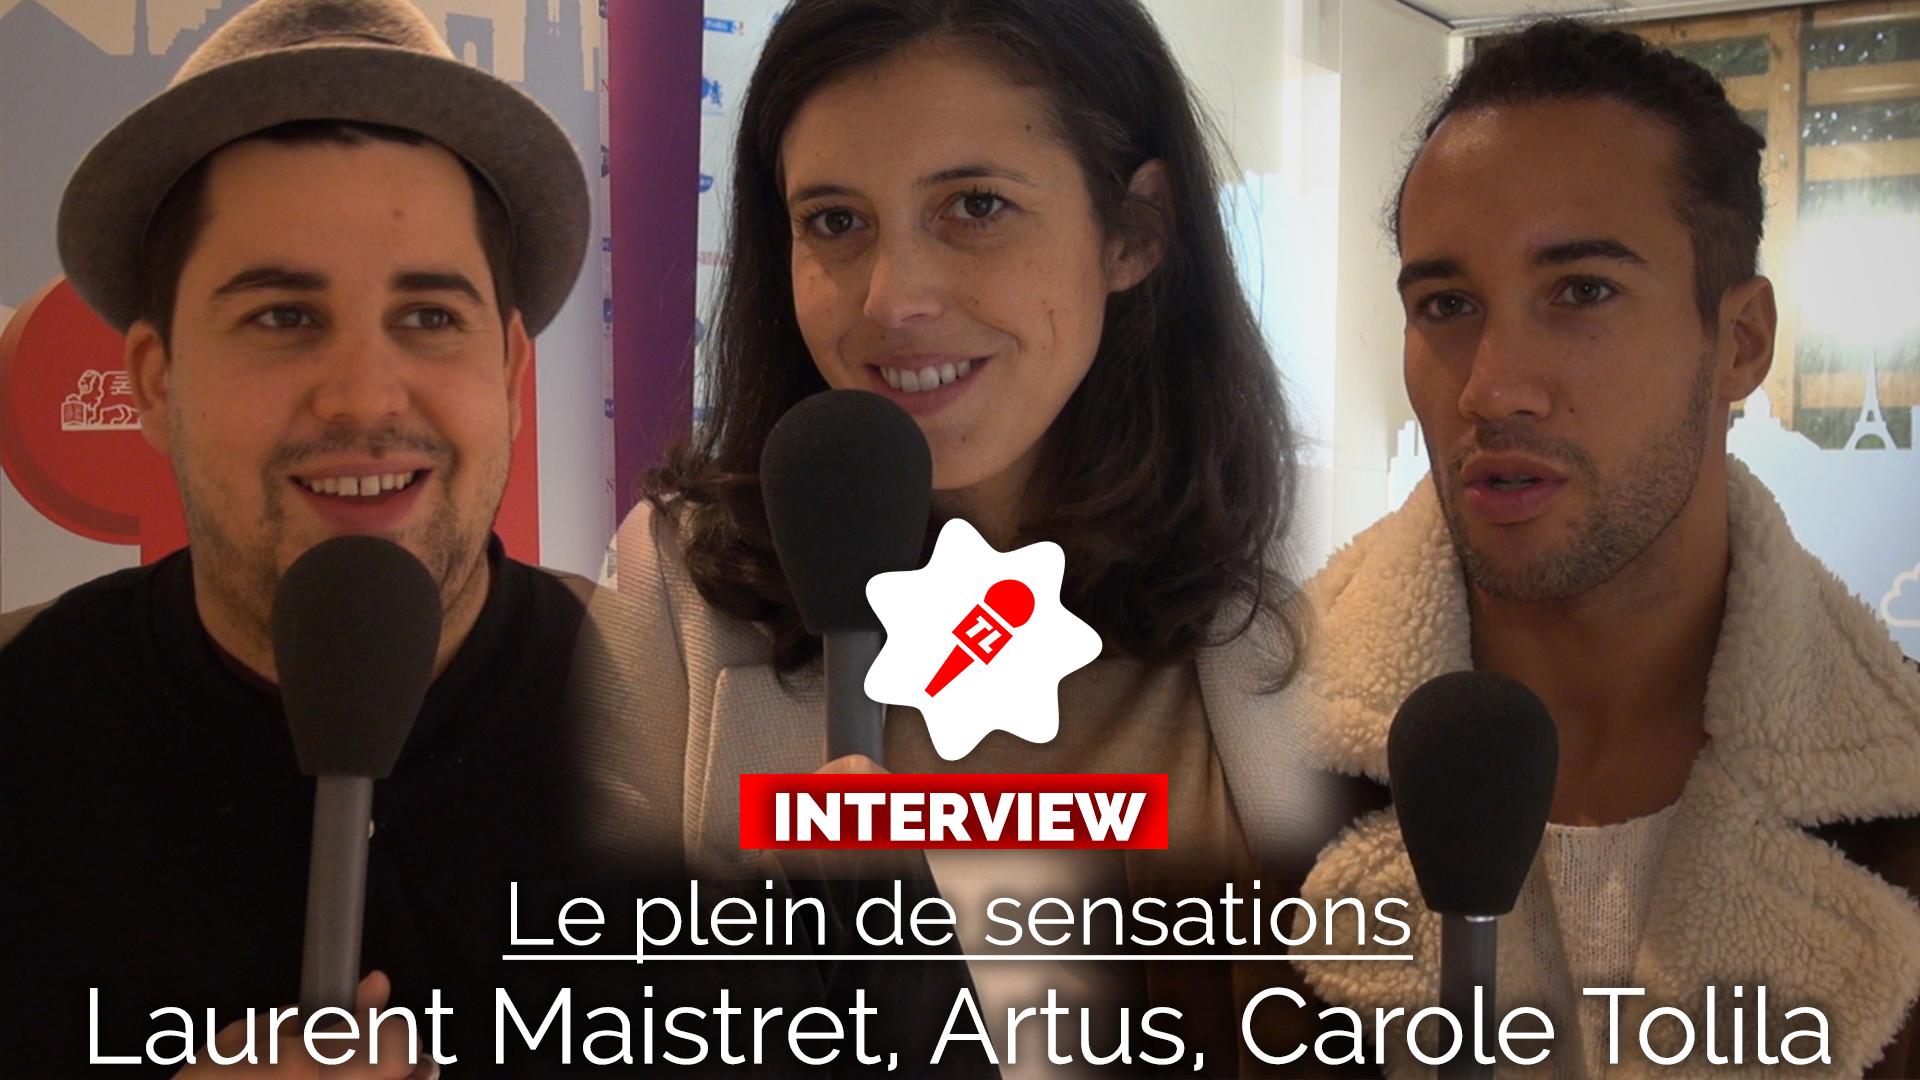 Le plein de sensations : Artus, Laurent Maistret et Carole Tolila dévoilent leur phobie